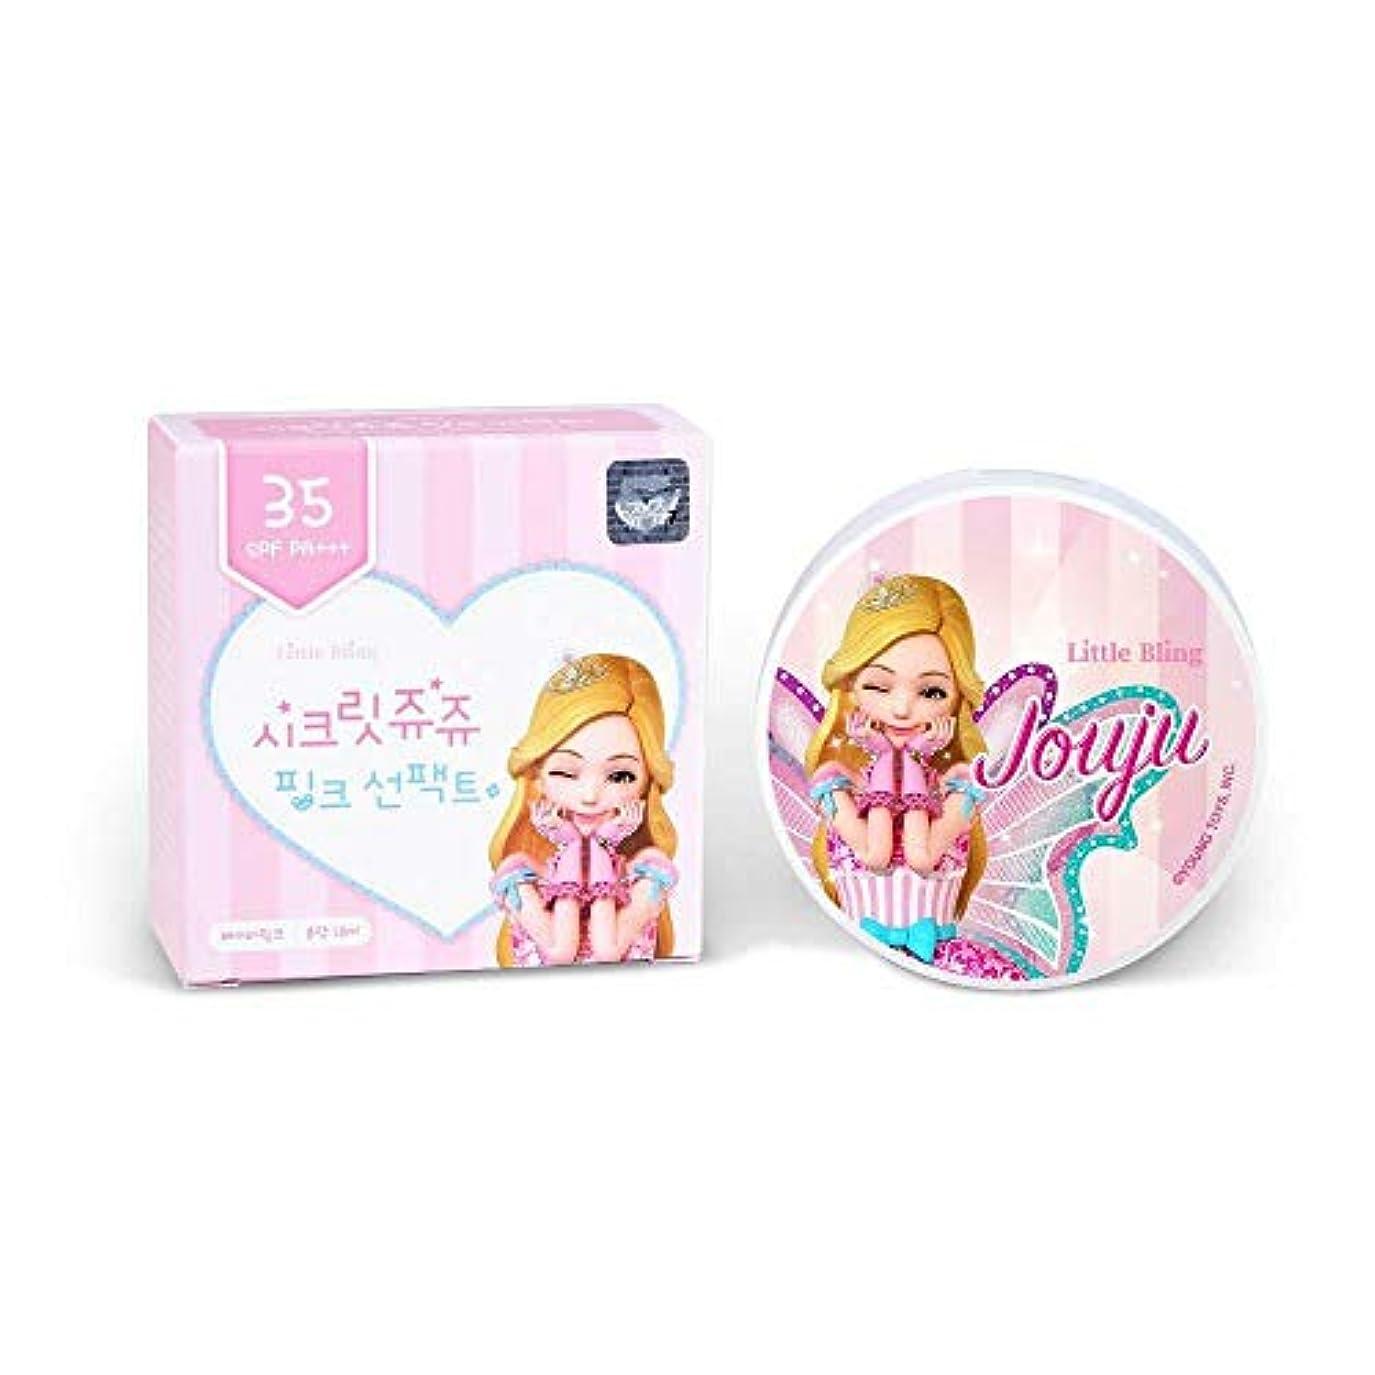 犯罪到着するハイジャックLittle Bling Secret Jouju Pink Sun Pact ピンク サンパクト SPF35 PA+++ 韓国日焼け止め